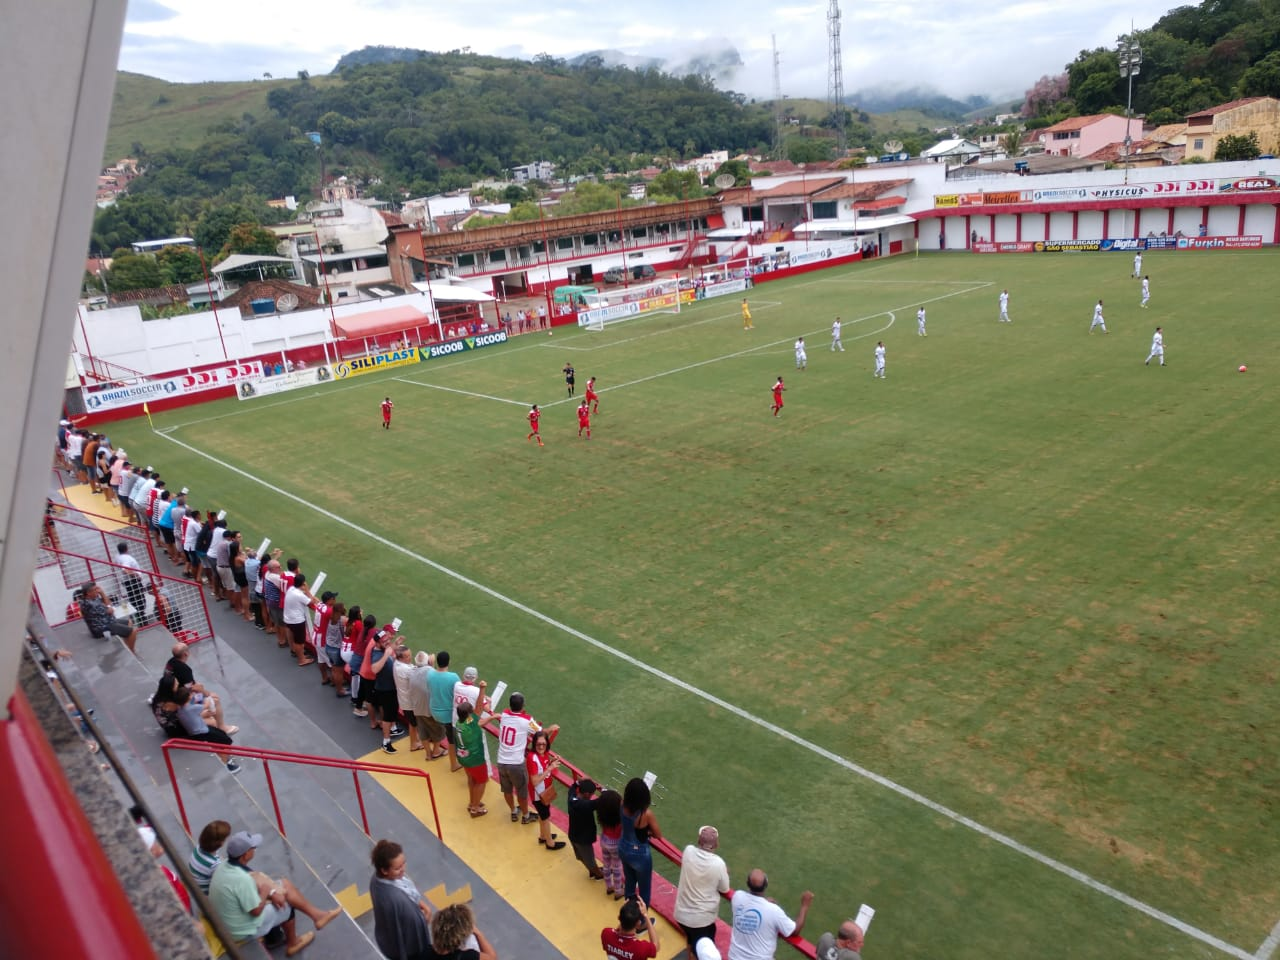 7a936449388 O Tombense venceu mais uma dentro de casa! O aproveitamento no Almeidão tem  sido uma marca do Tombense nos últimos jogos. O time derrotou o Vila Nova  da ...